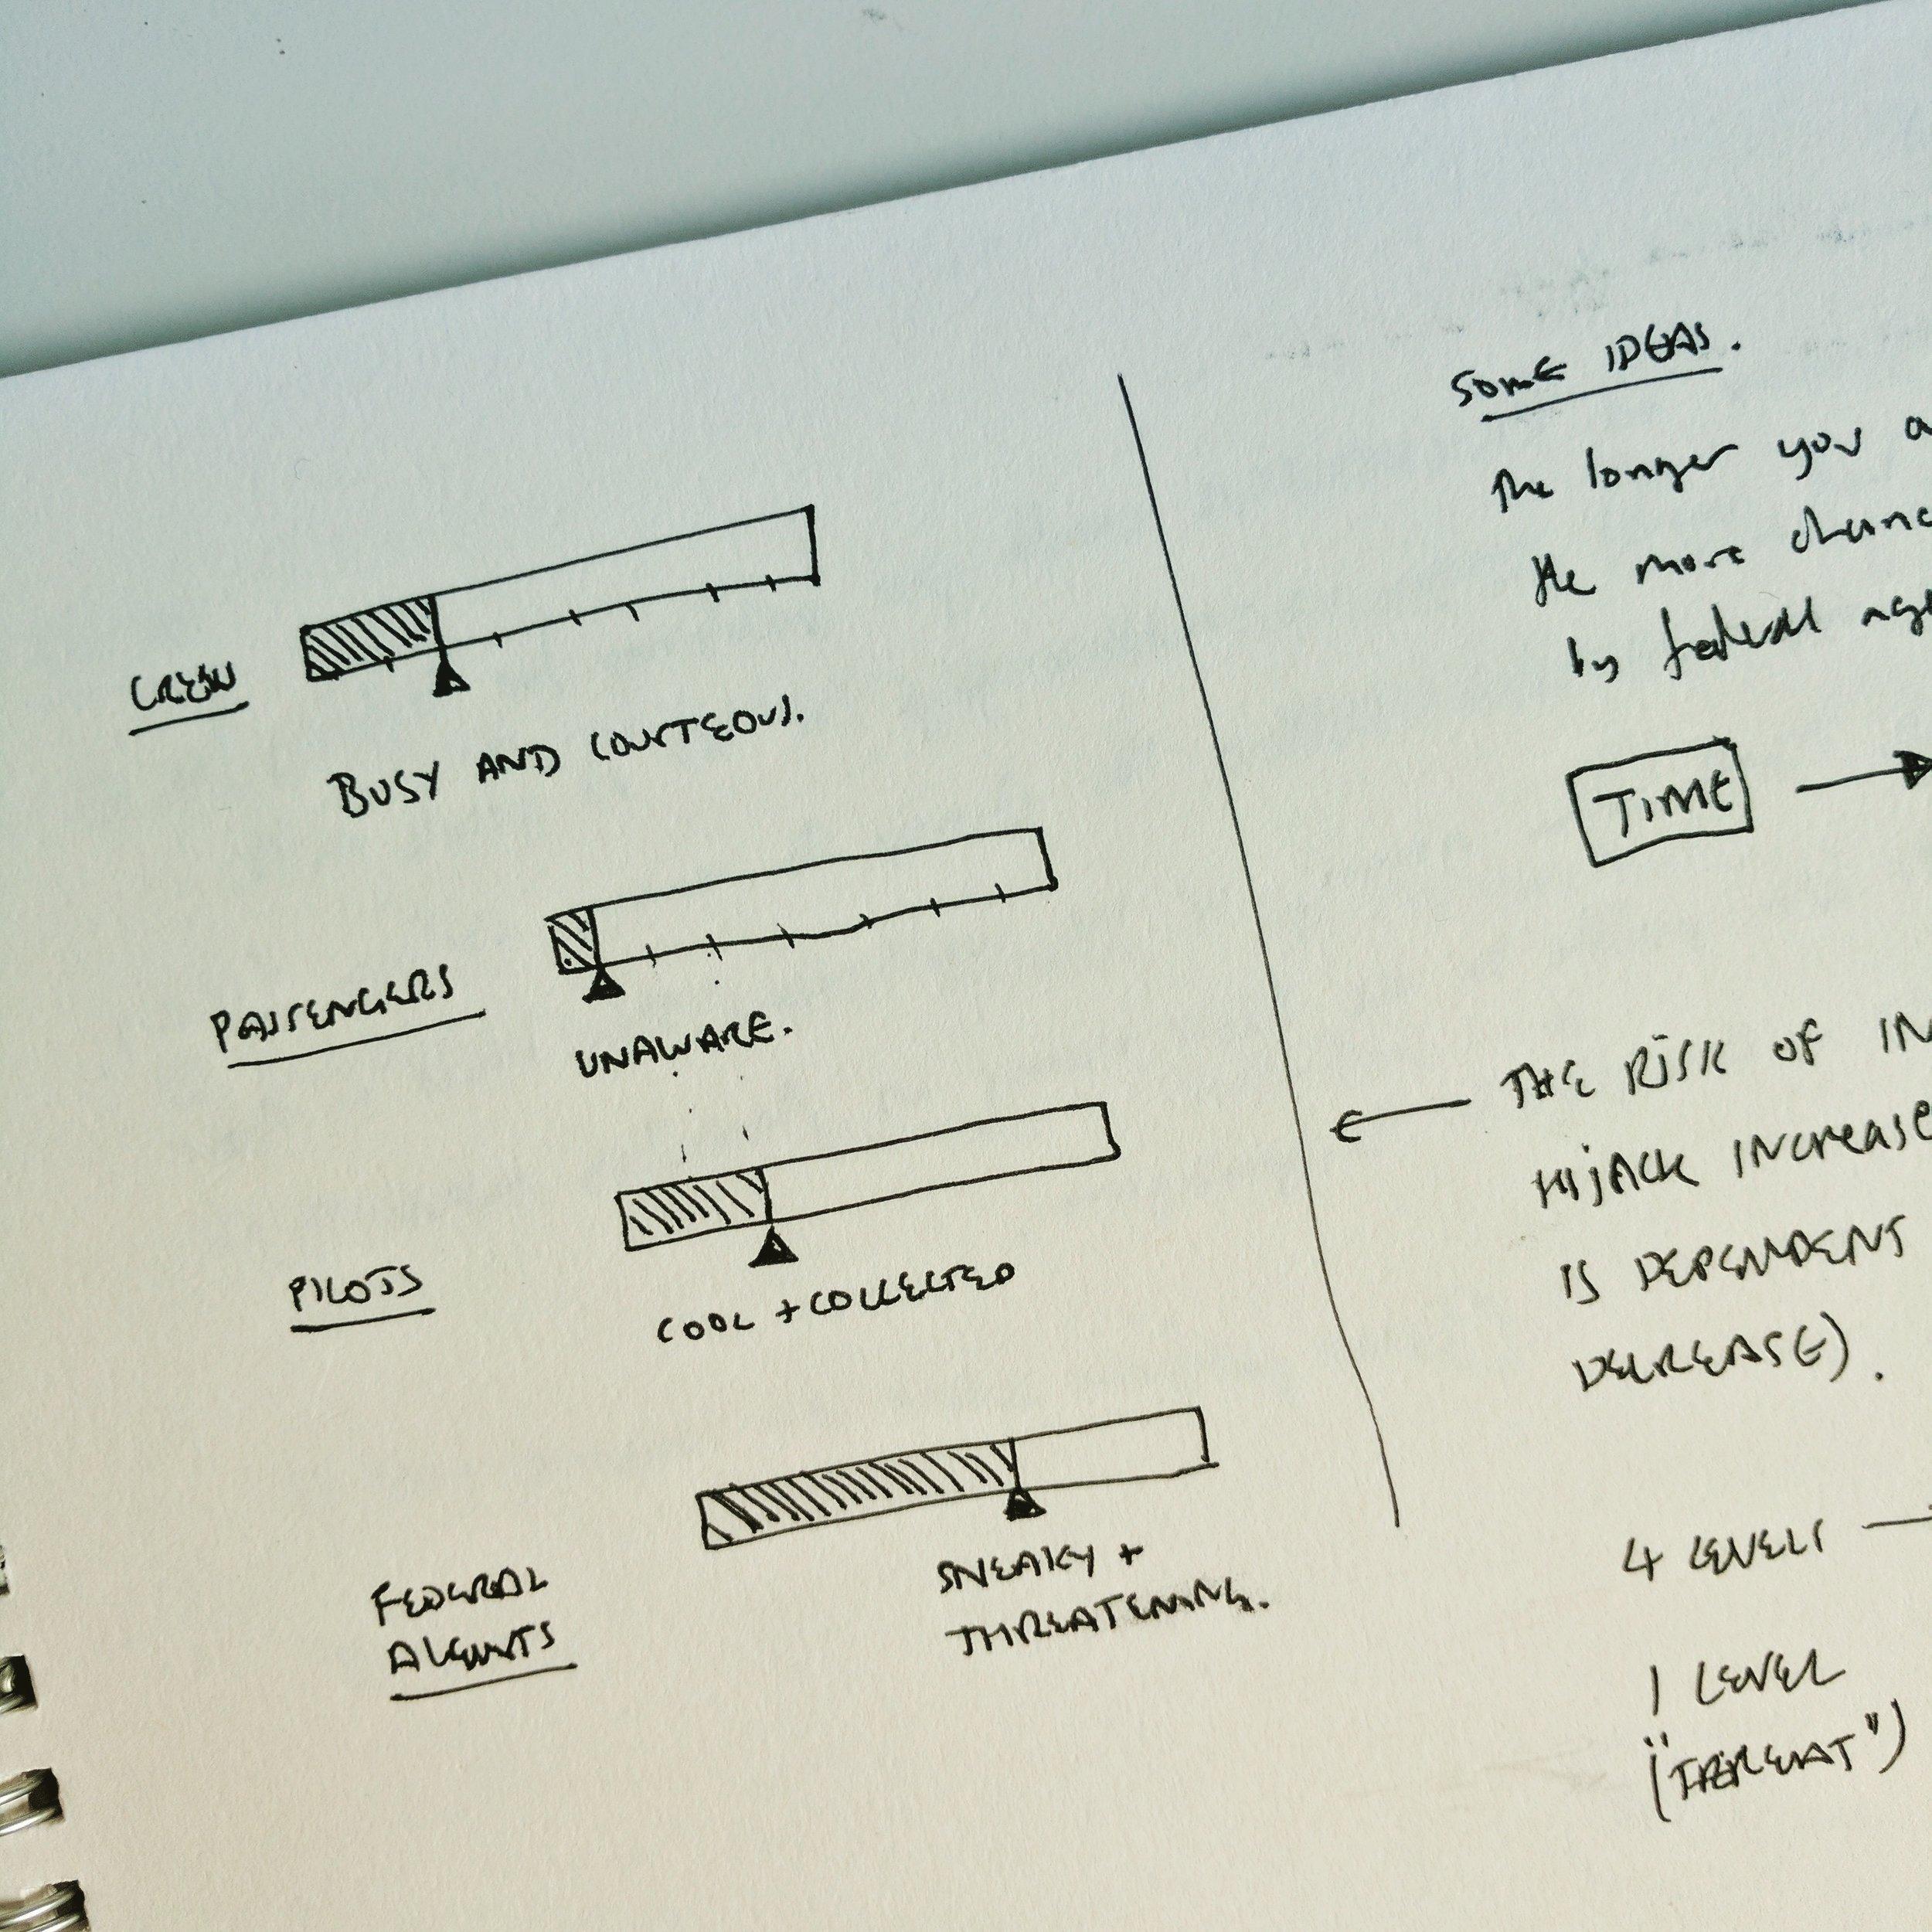 Skyjacker_Sketchbook